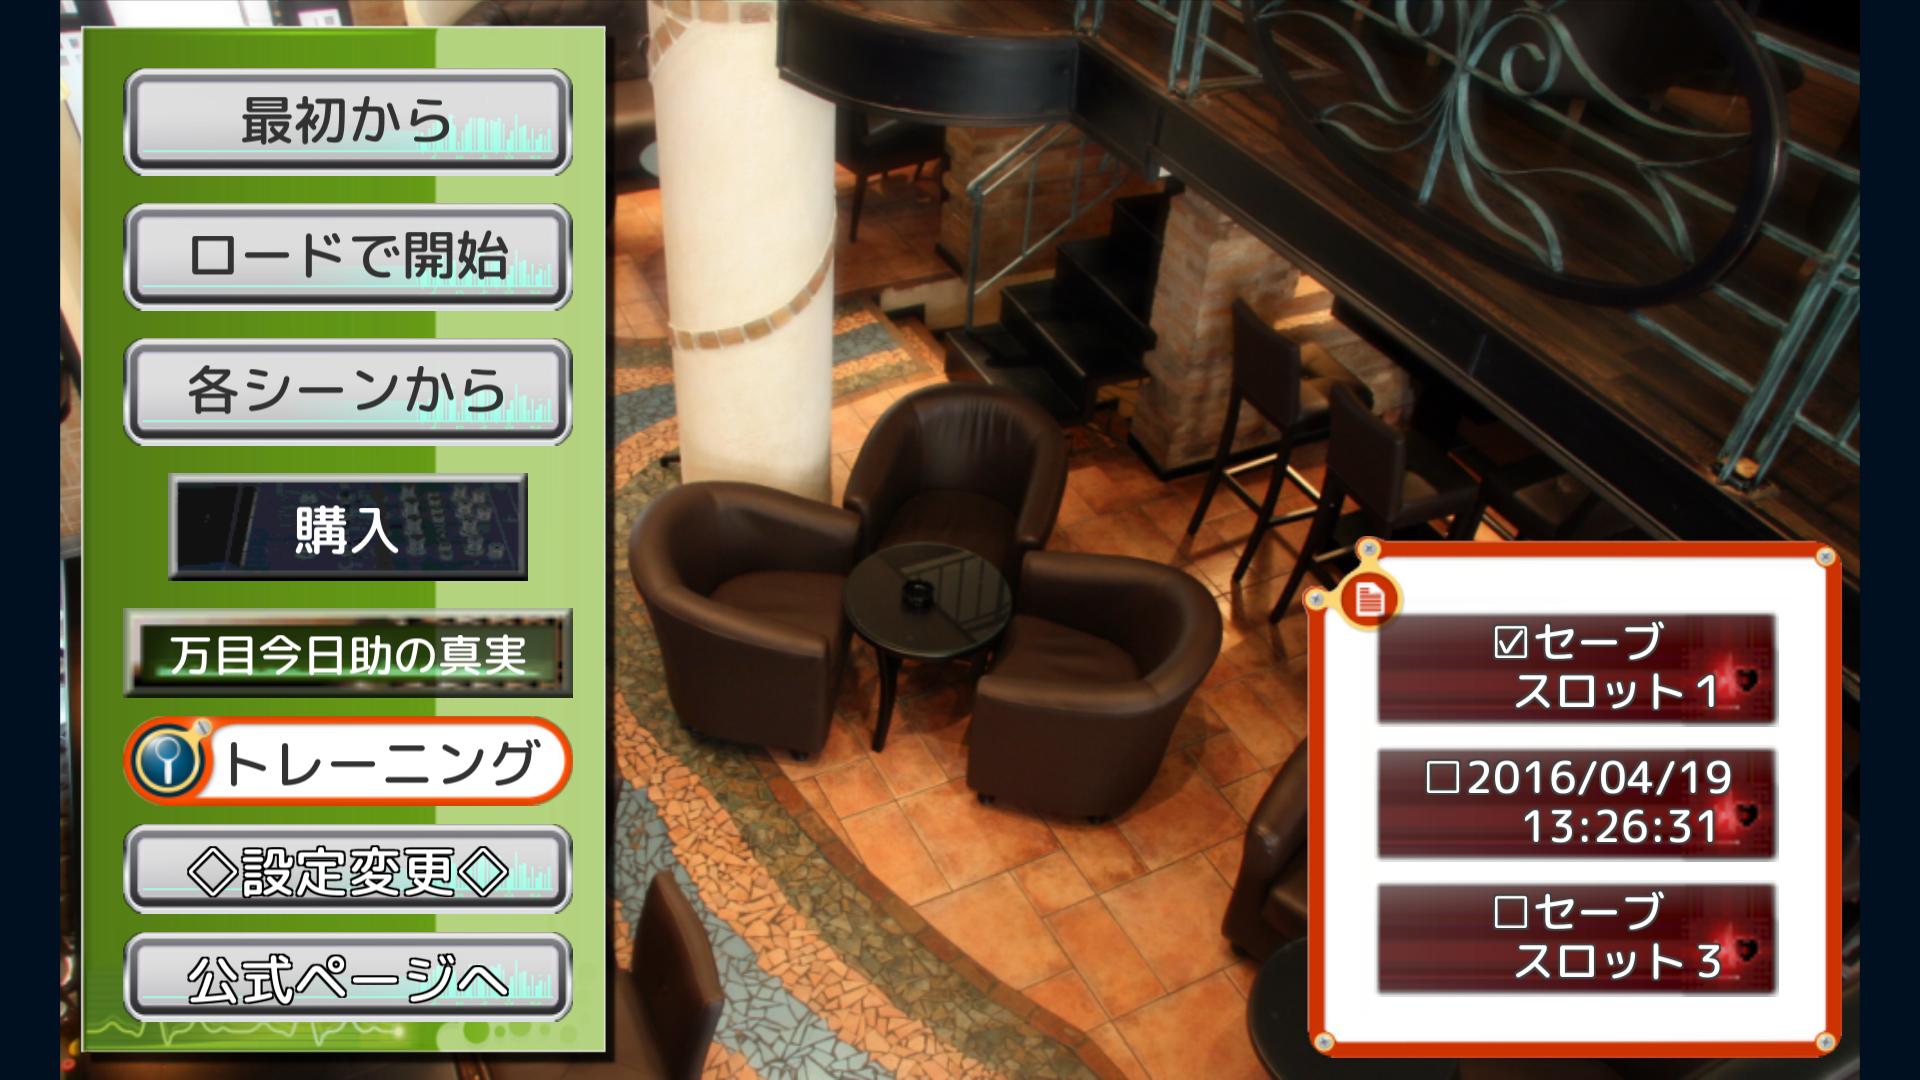 androidアプリ 嘘発見人【万目今日助】 新装版攻略スクリーンショット1